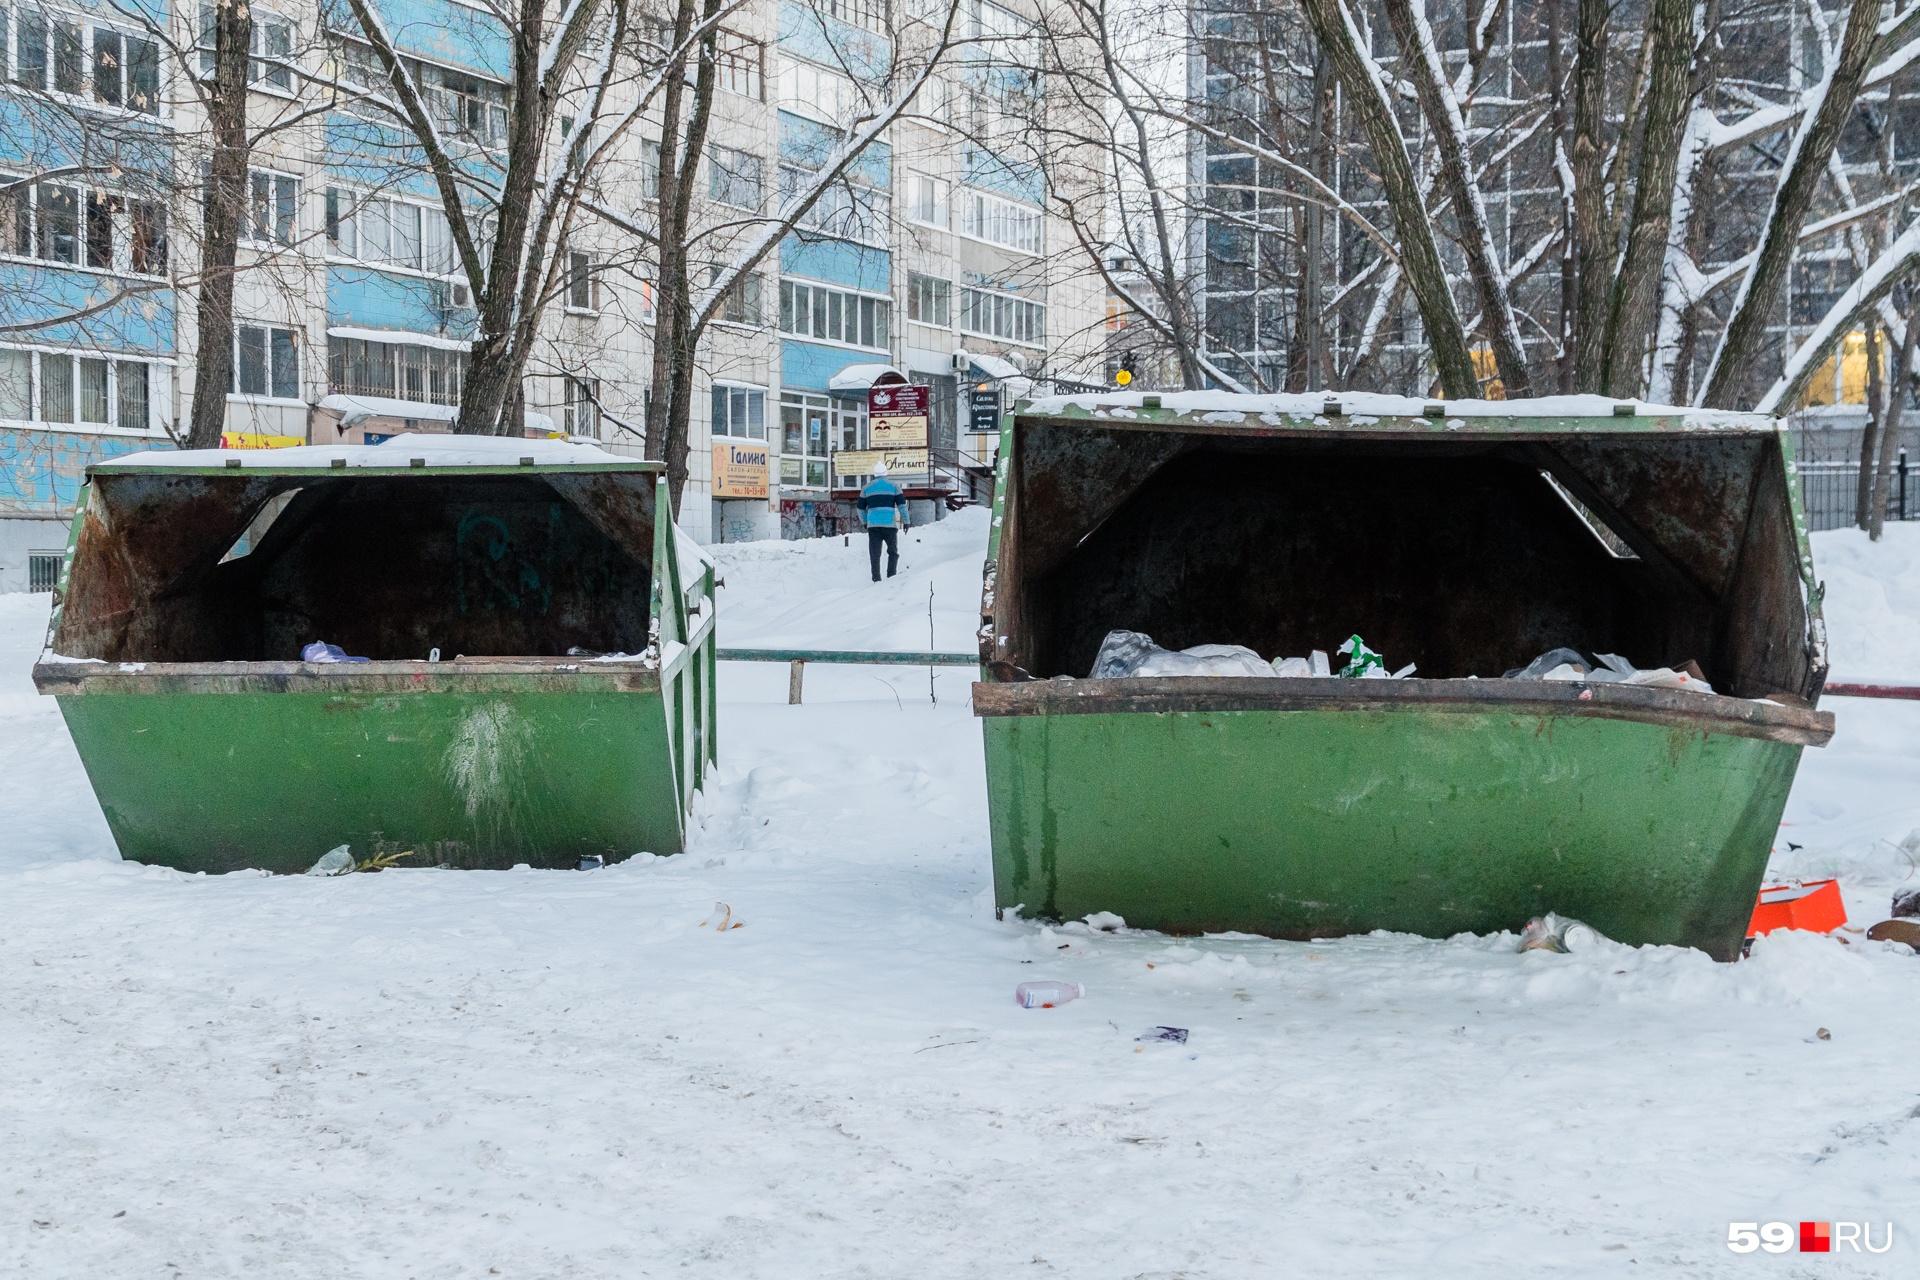 Главное, чтобы мусорки были пустыми и чистыми